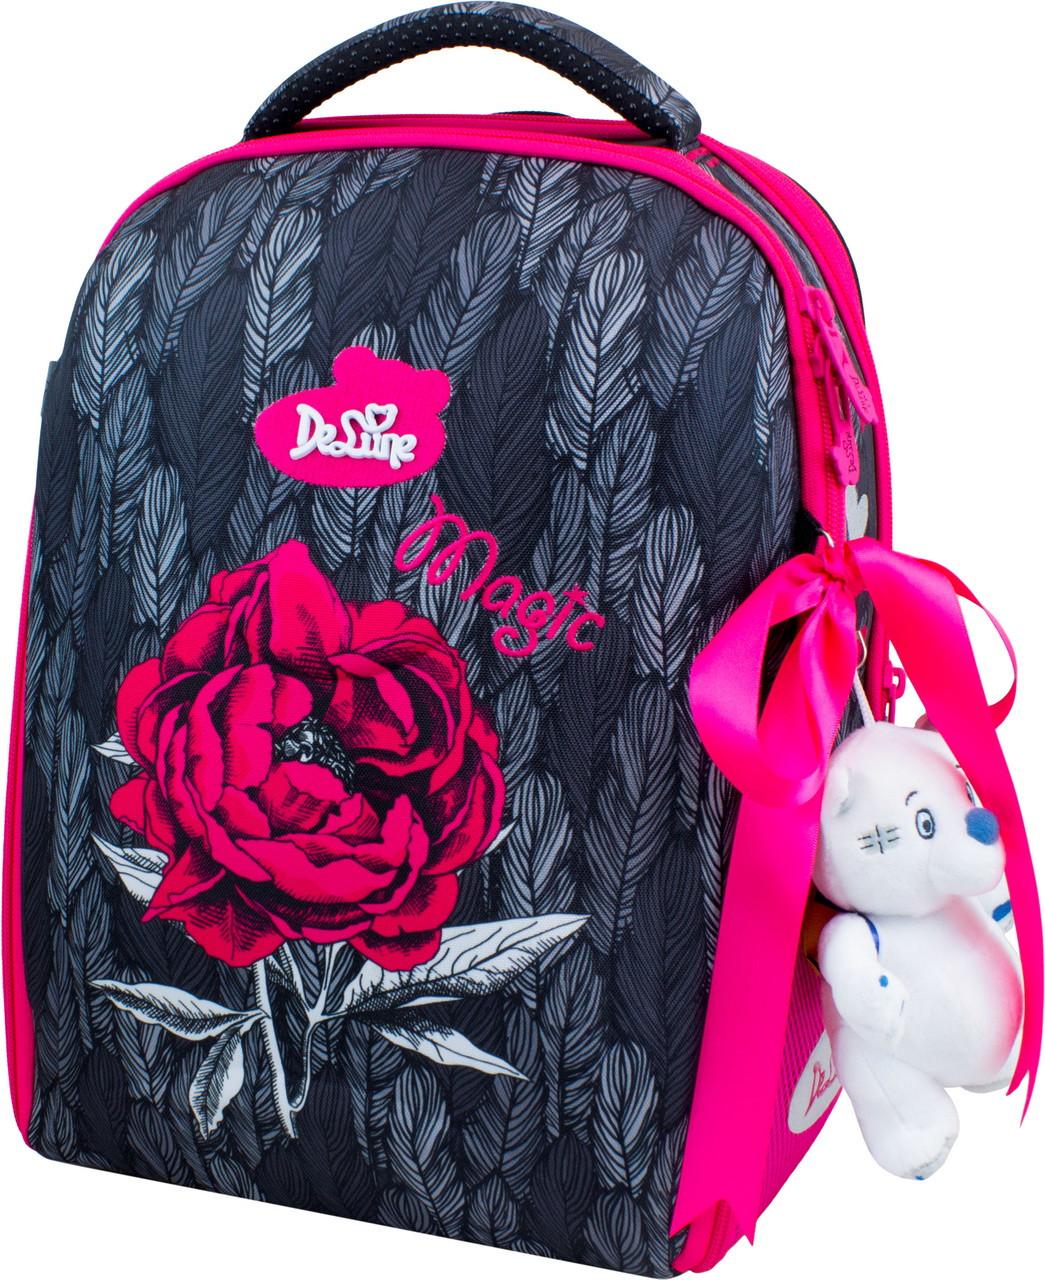 Рюкзак школьный каркасный с наполнением DeLune 7-149